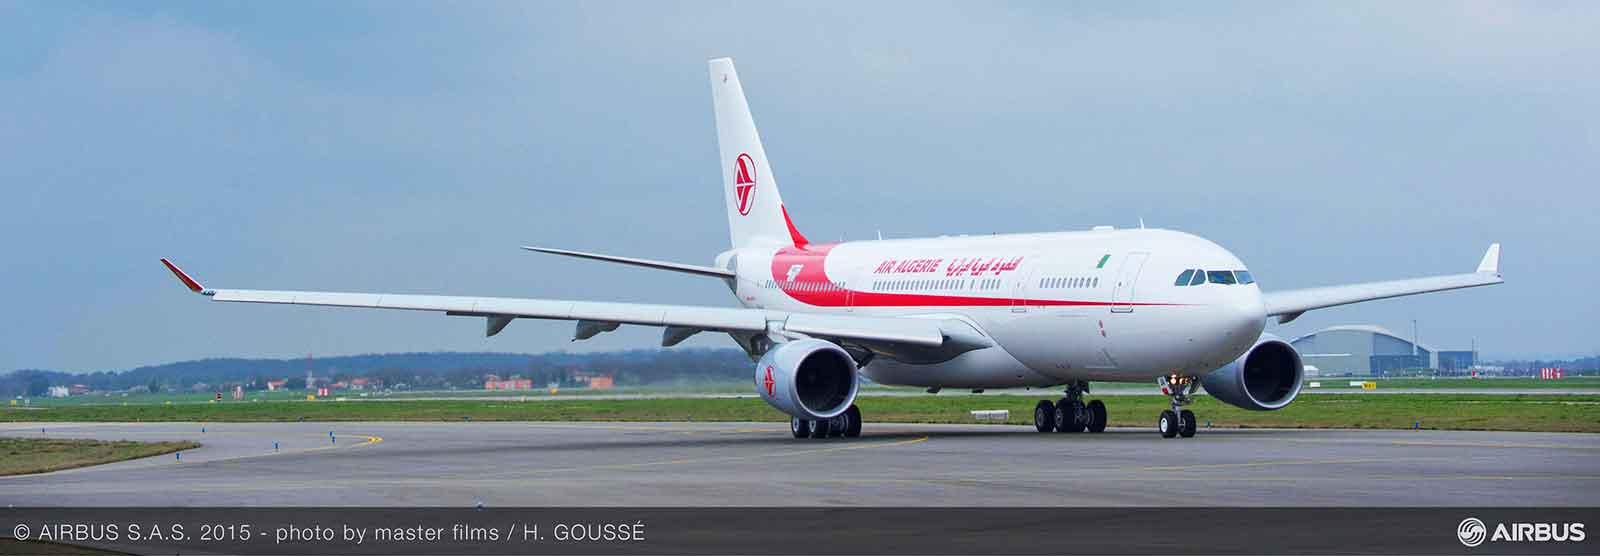 The latest A330-200 for Air Algerie